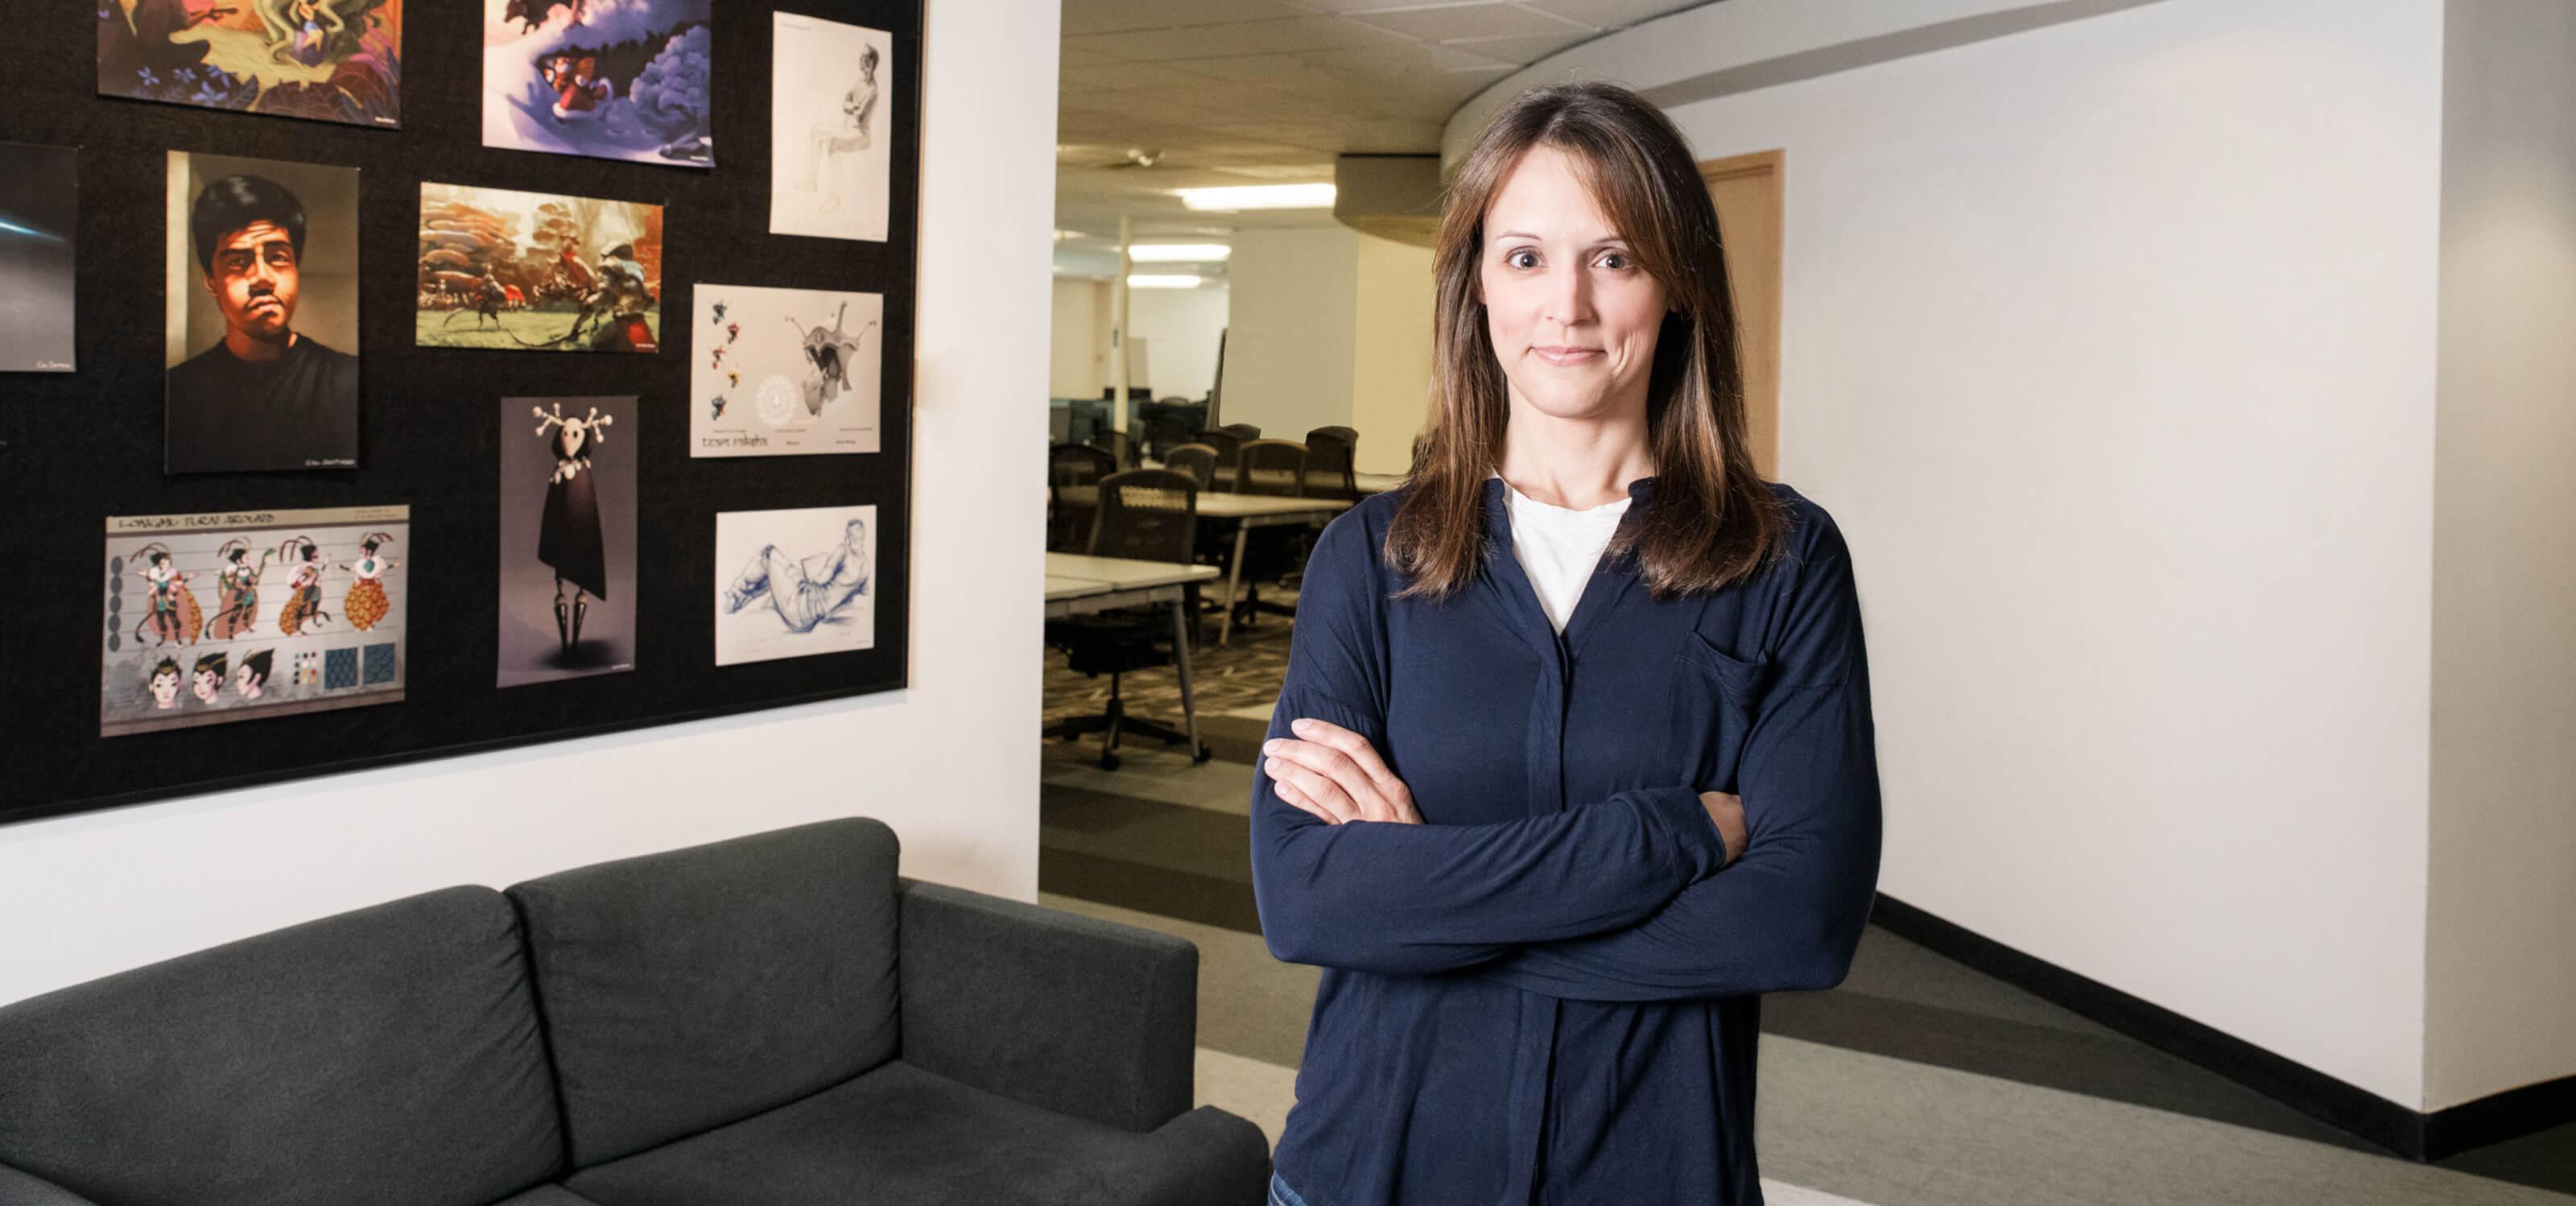 Professor Vanessa Hemovich poses for the camera in a DigiPen hallway.